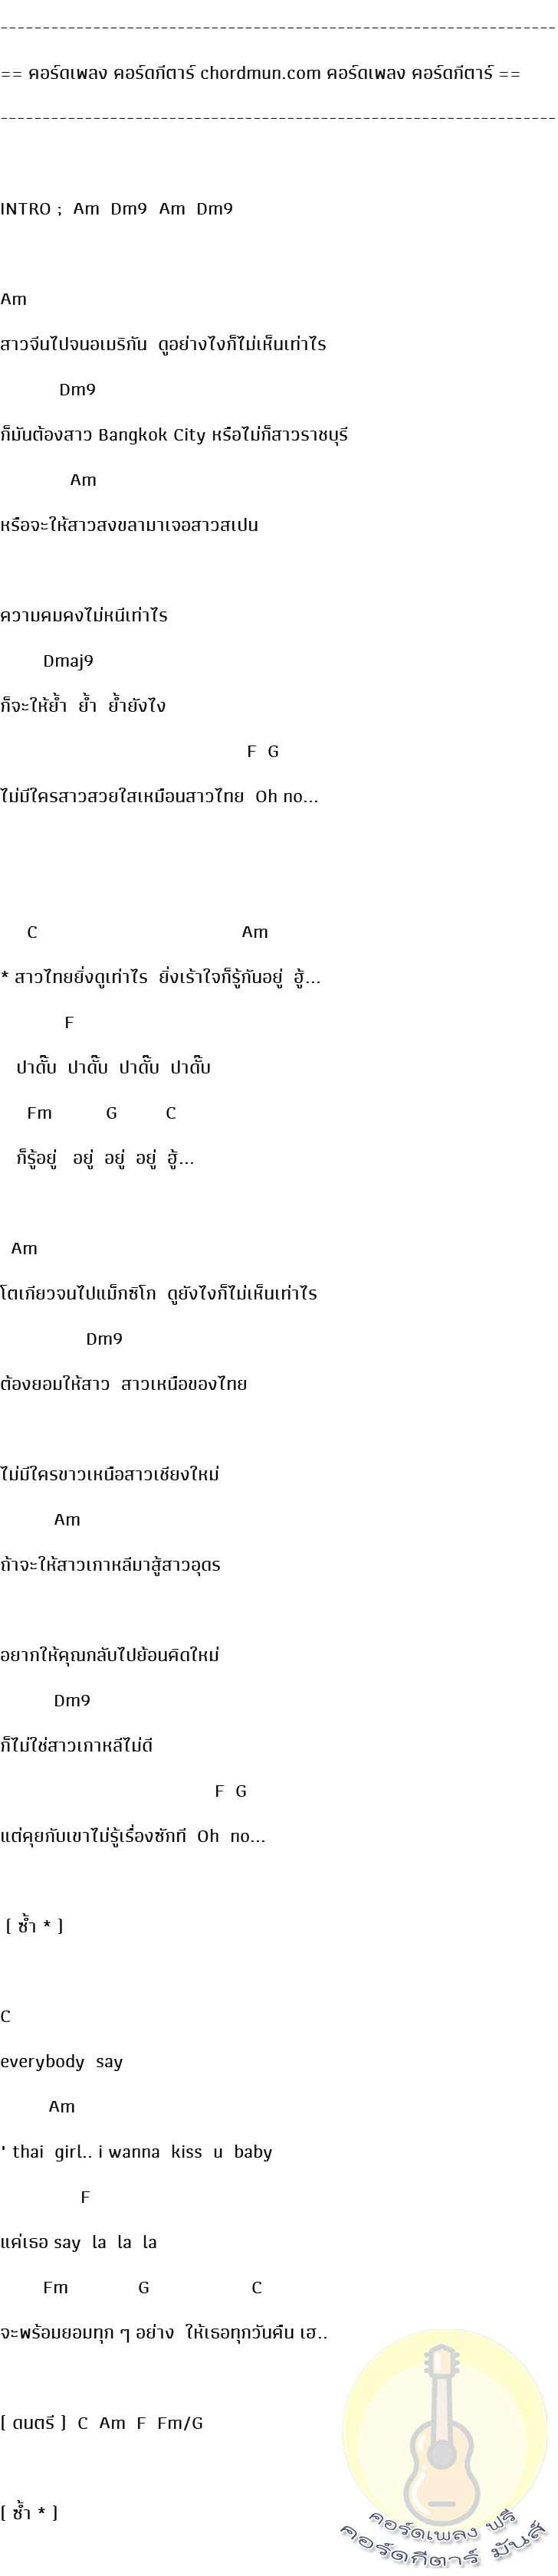 คอร์ดกีต้าร์ง่ายๆ  เพลง thai girl